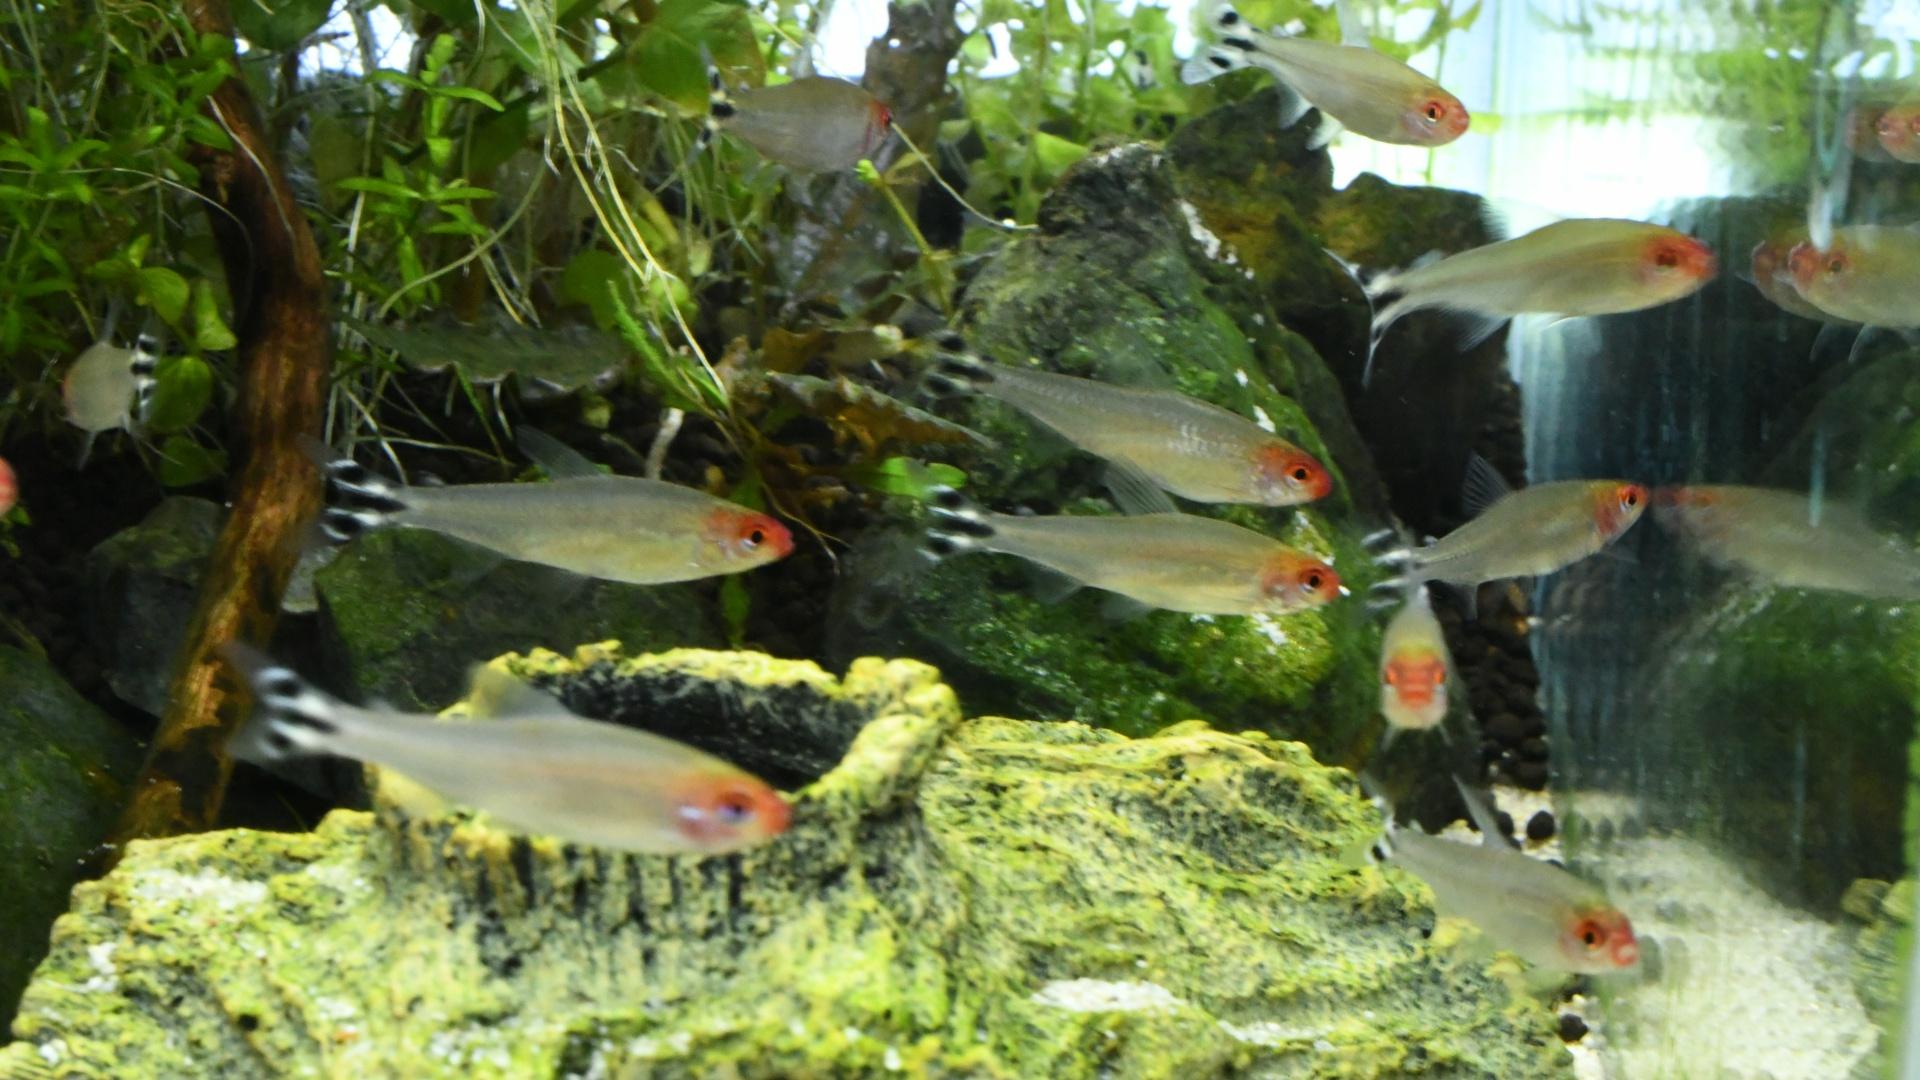 熱帯魚紹介:頭と尾ビレがアクセント ラミーノーズテトラ